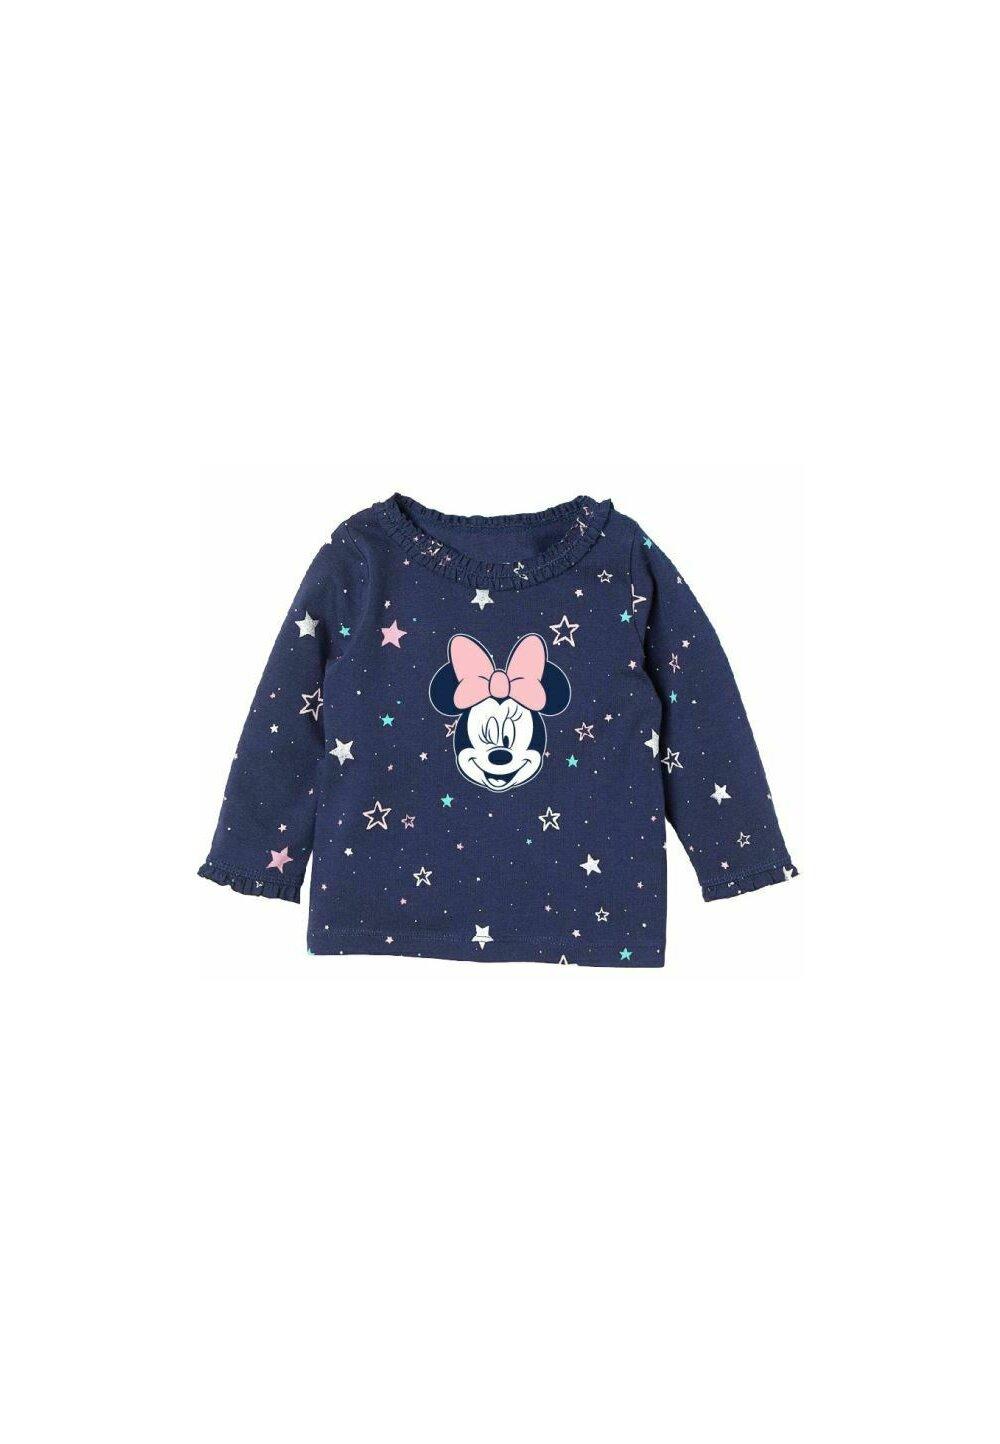 Bluza bebe, Minnie Mouse, bluemarin cu stelute colorate imagine